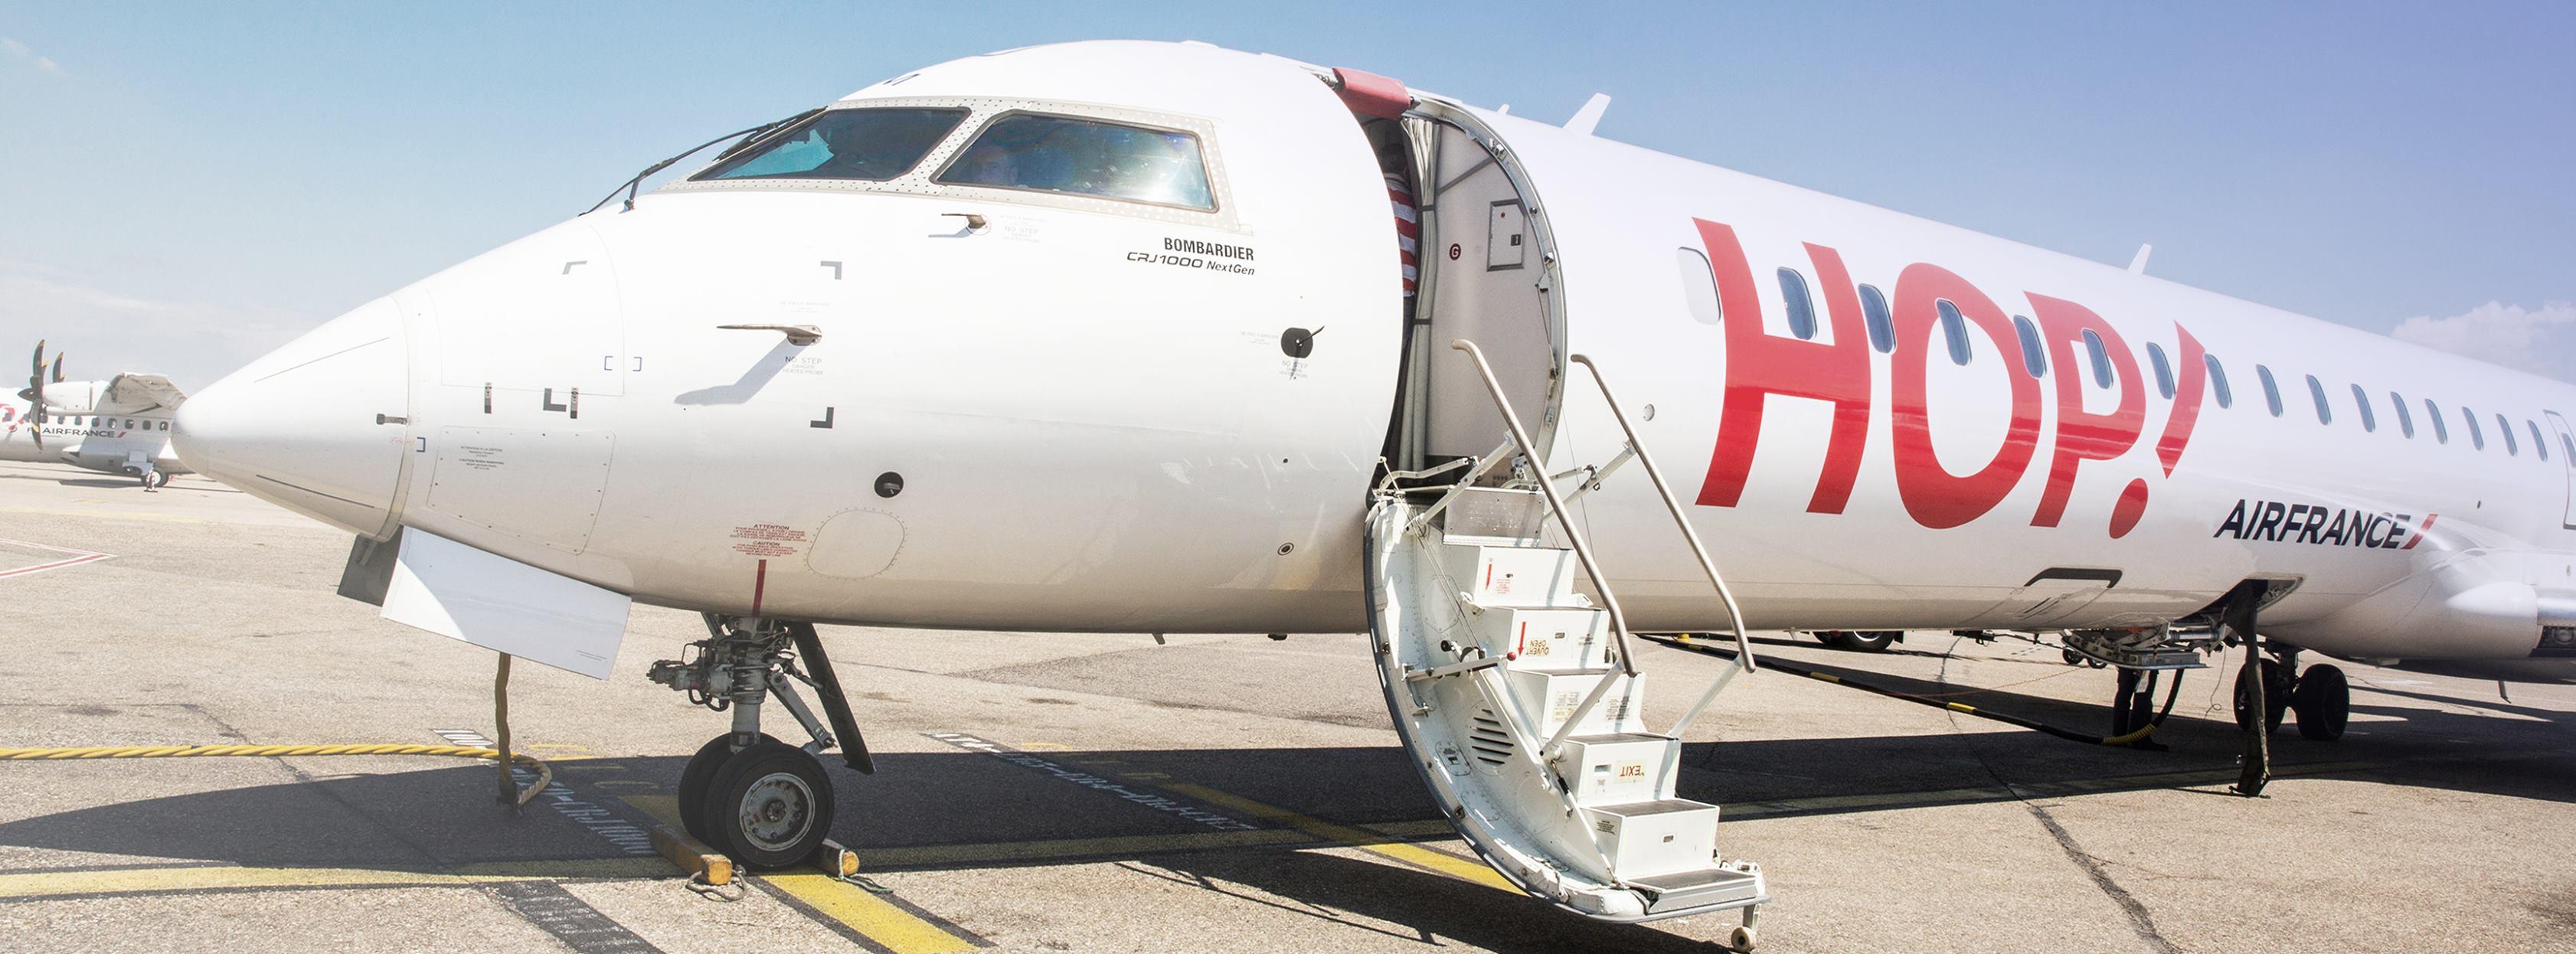 Hop ! – voyage en avion pas cher – Dealabs